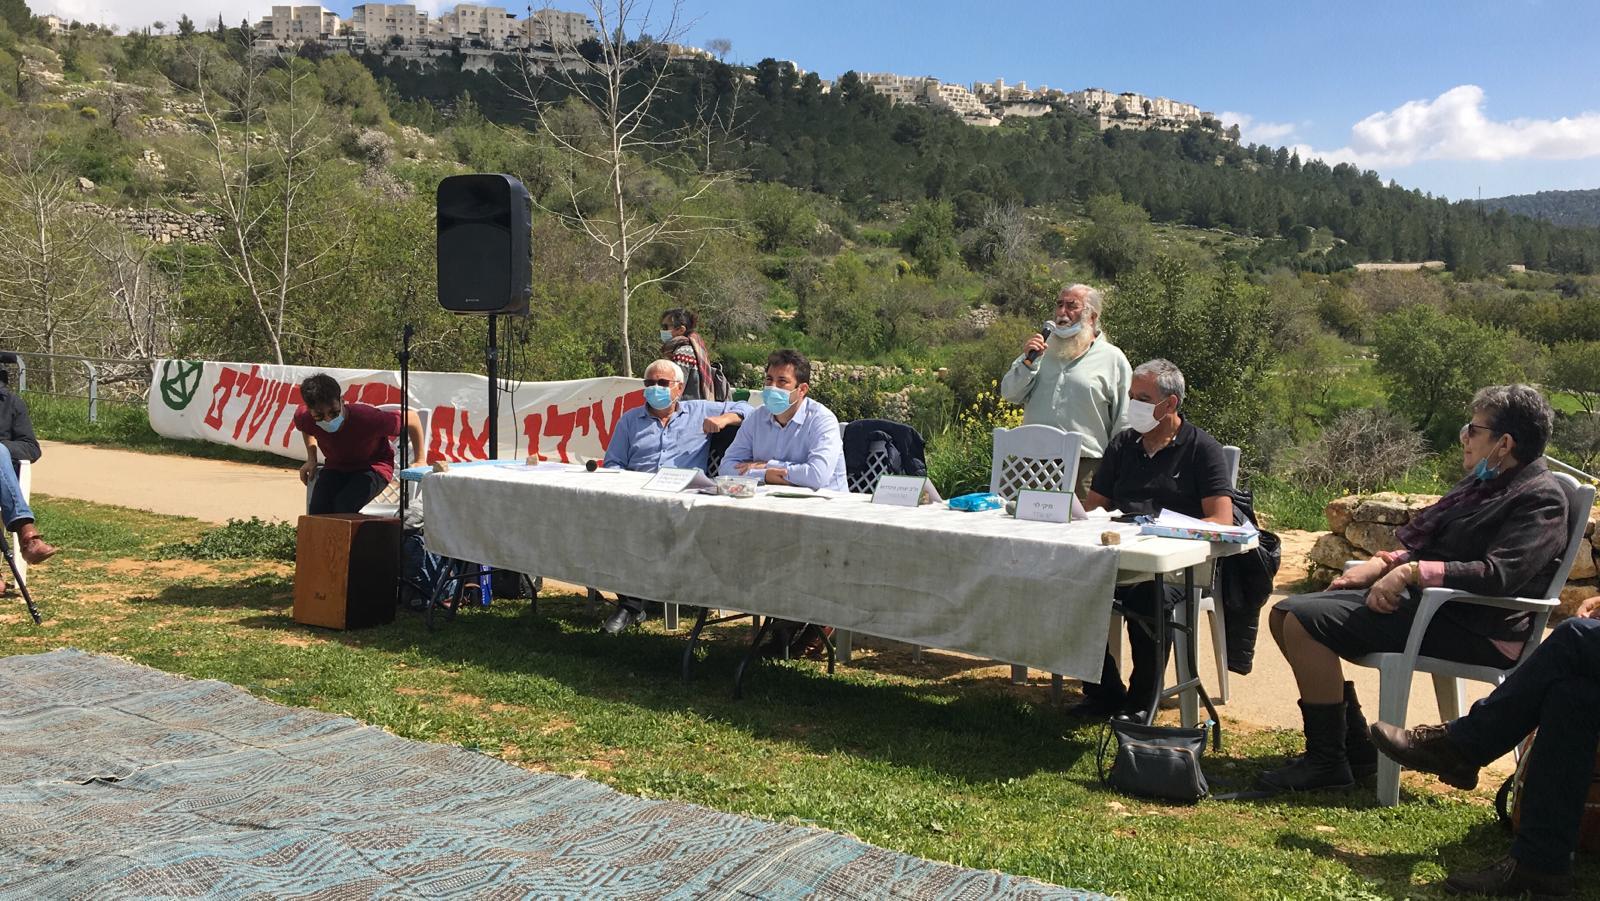 אירוע מחאה נגד תוכניות הבינוי ברכס לבן (צילום: פפה אללו)